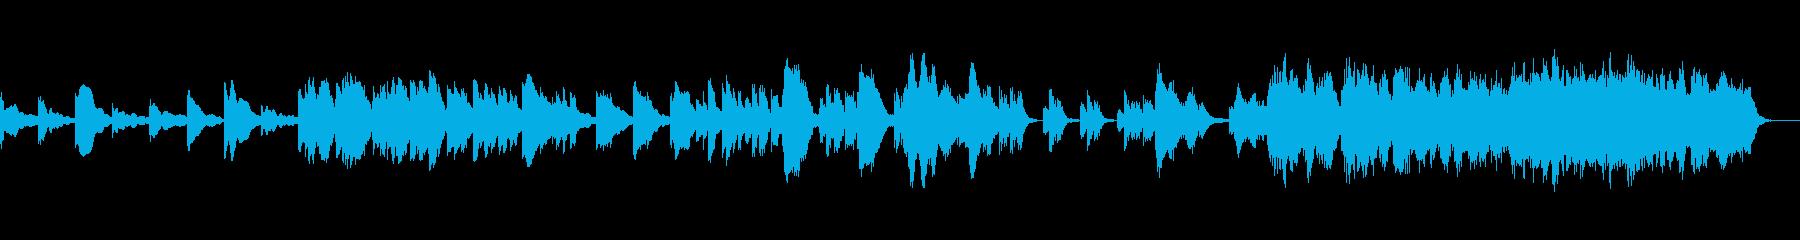 回想シーンに合うバラードの再生済みの波形